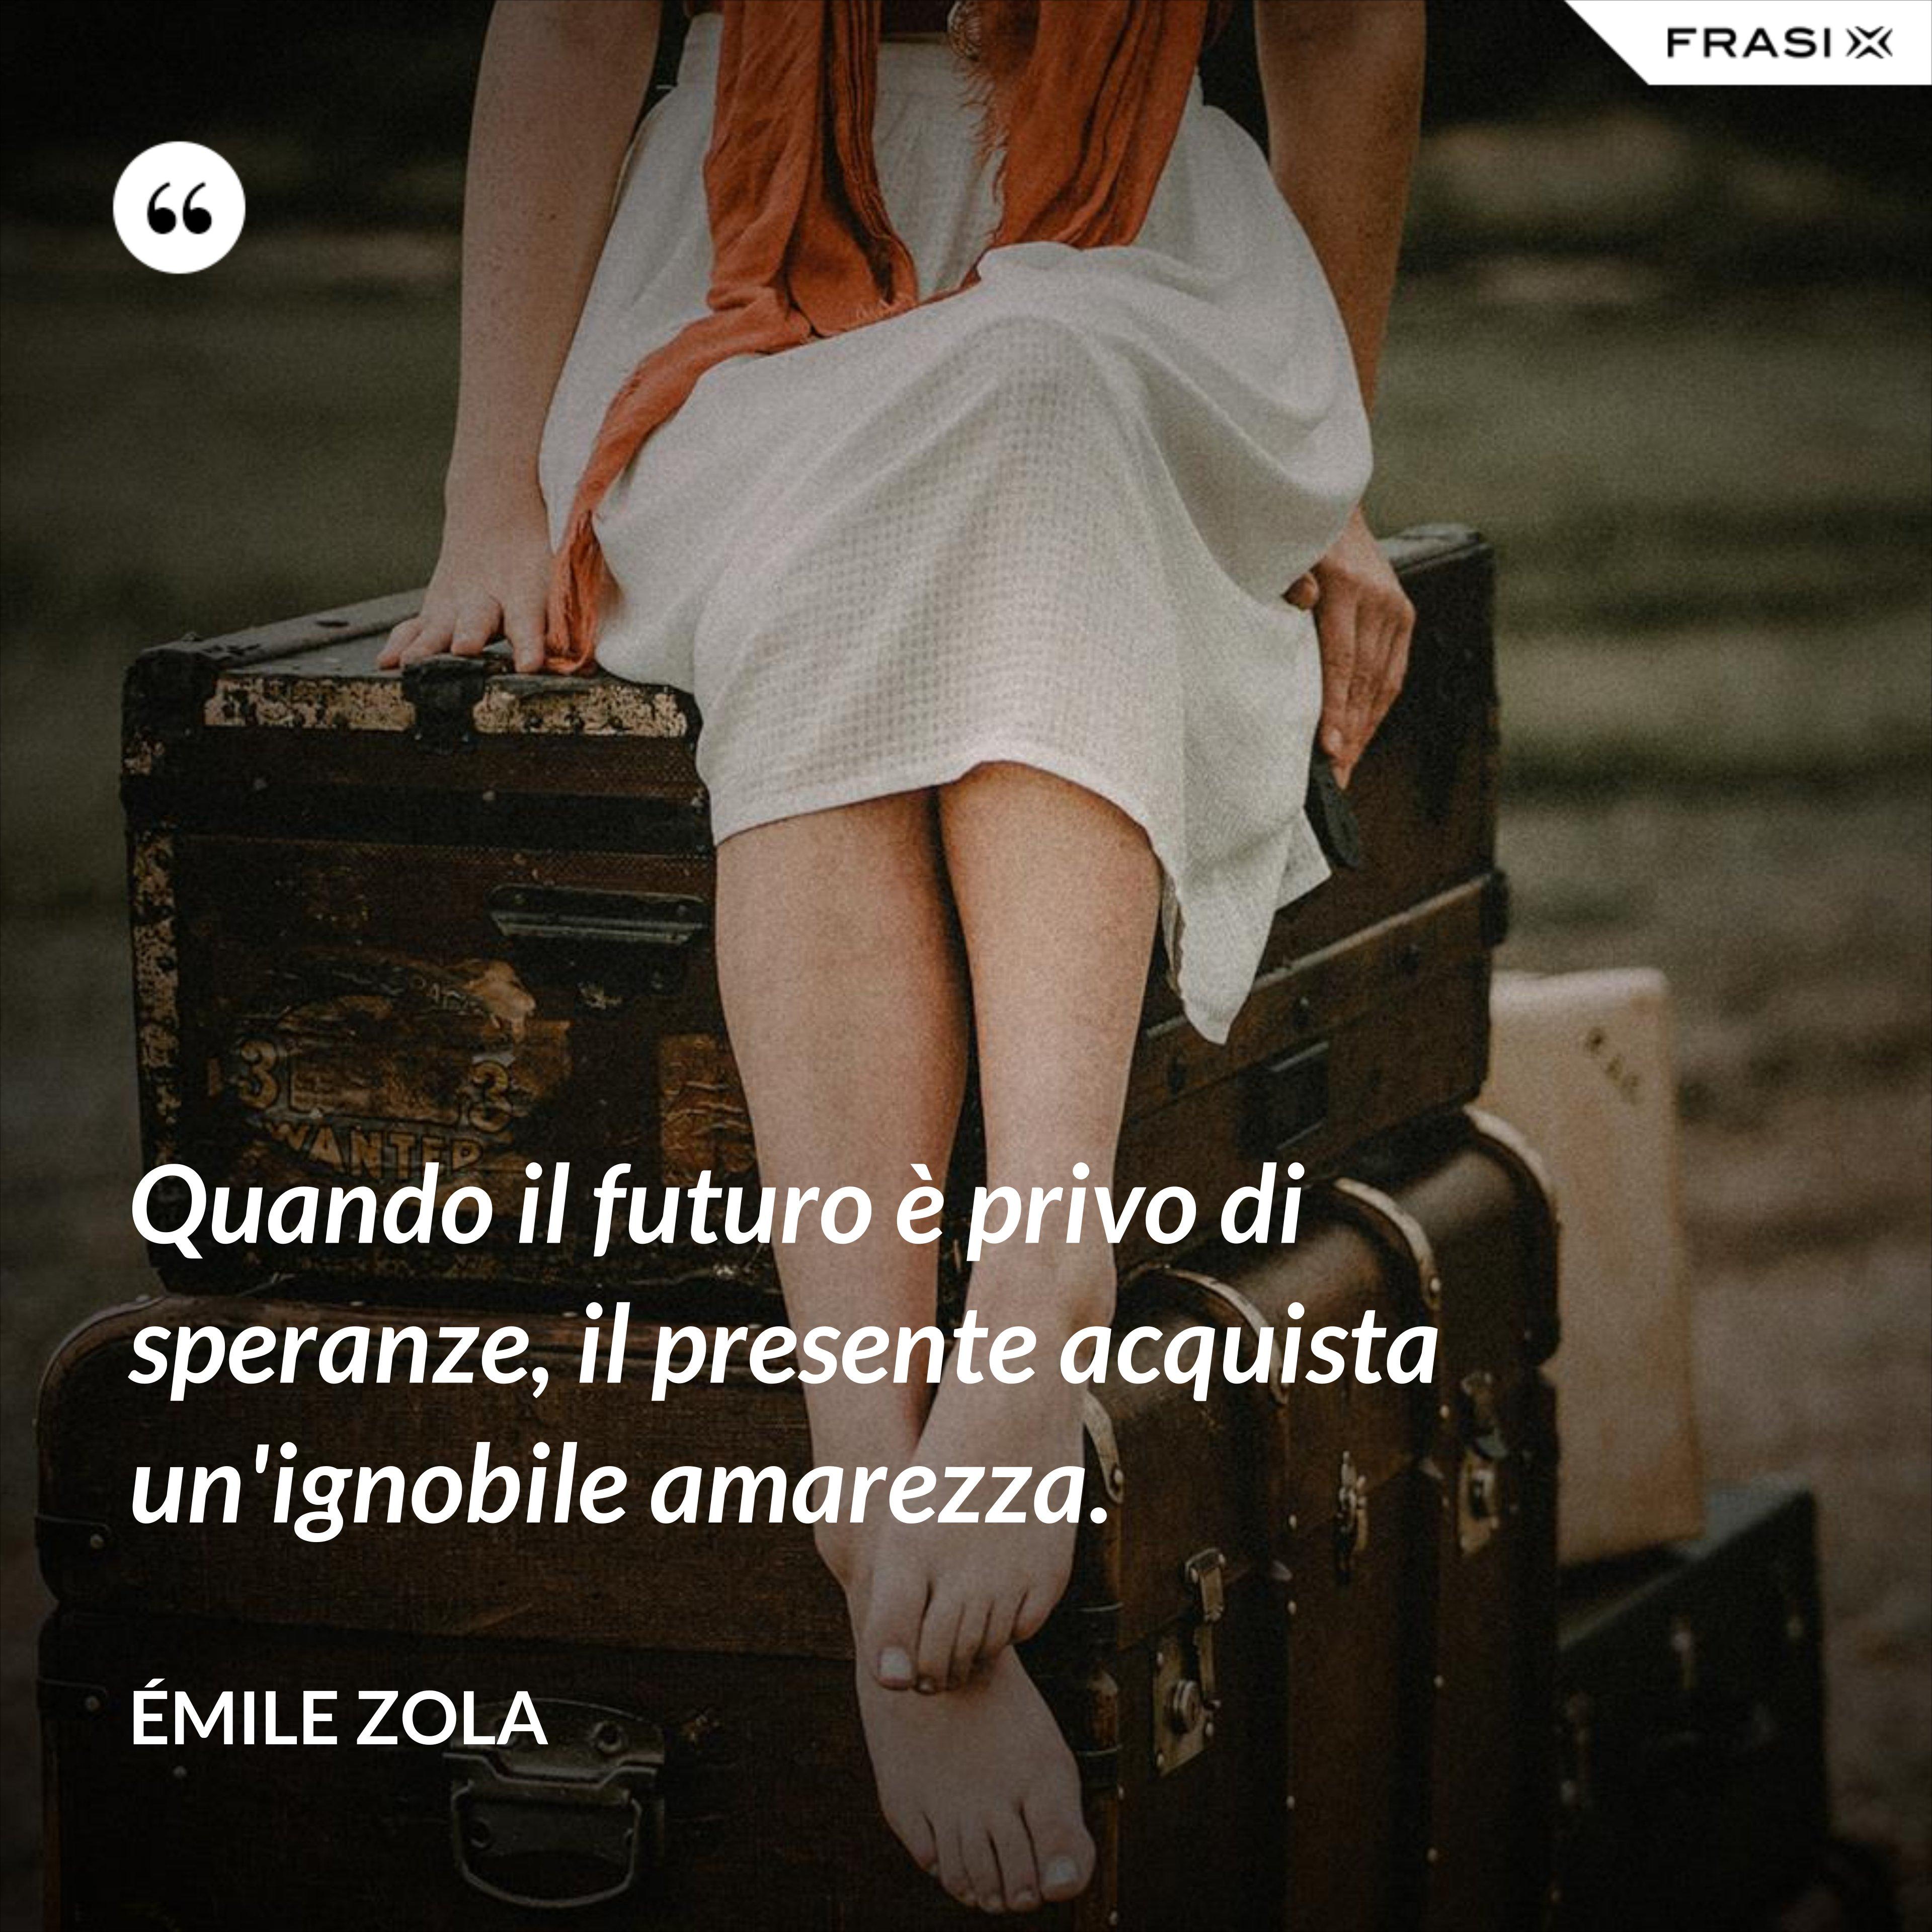 Quando il futuro è privo di speranze, il presente acquista un'ignobile amarezza. - Émile Zola